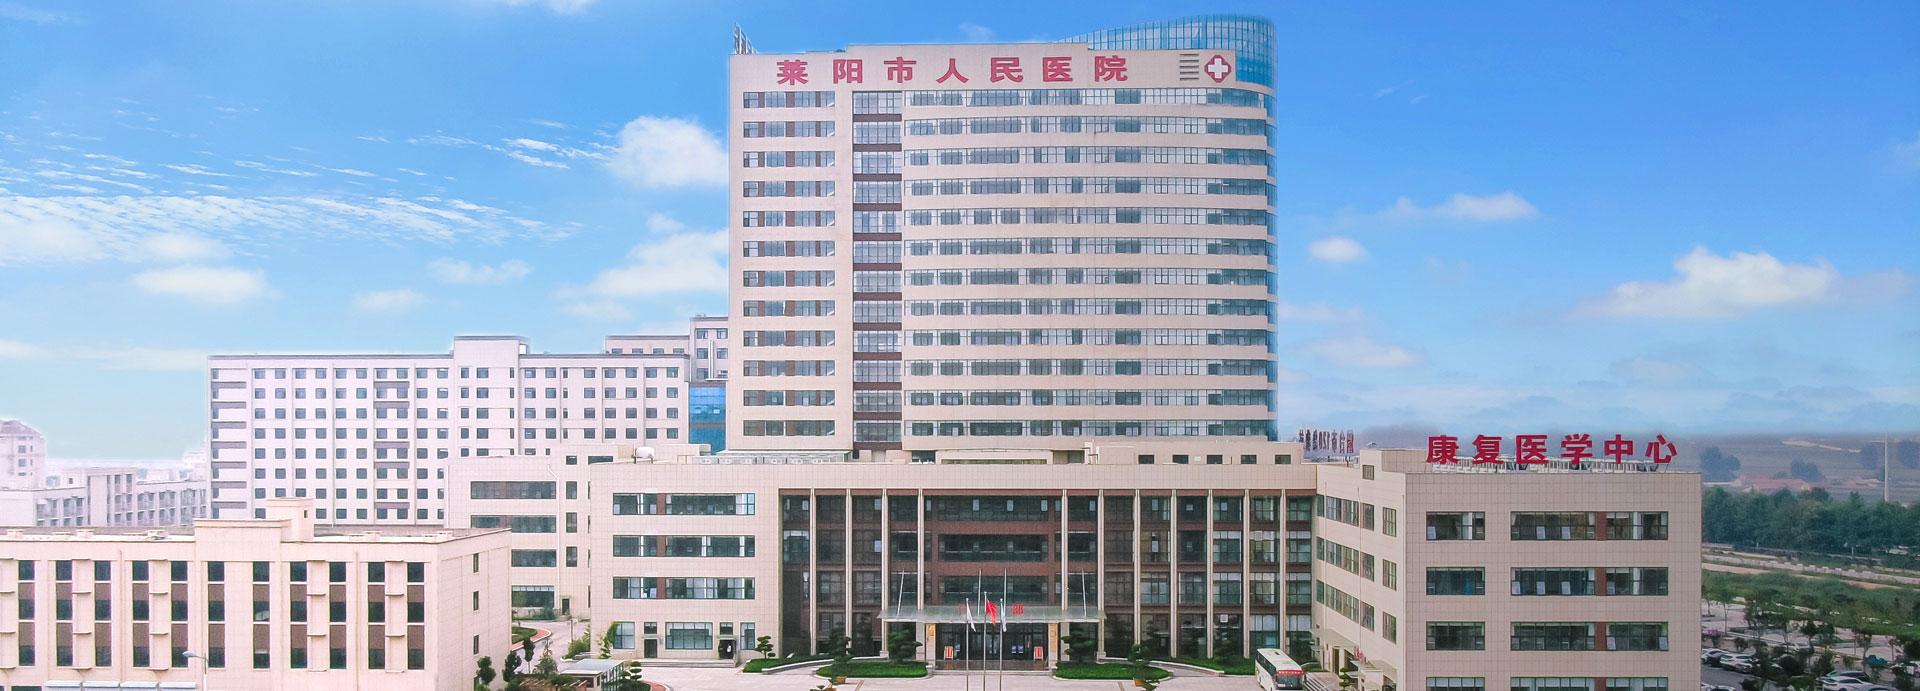 莱阳人民医院